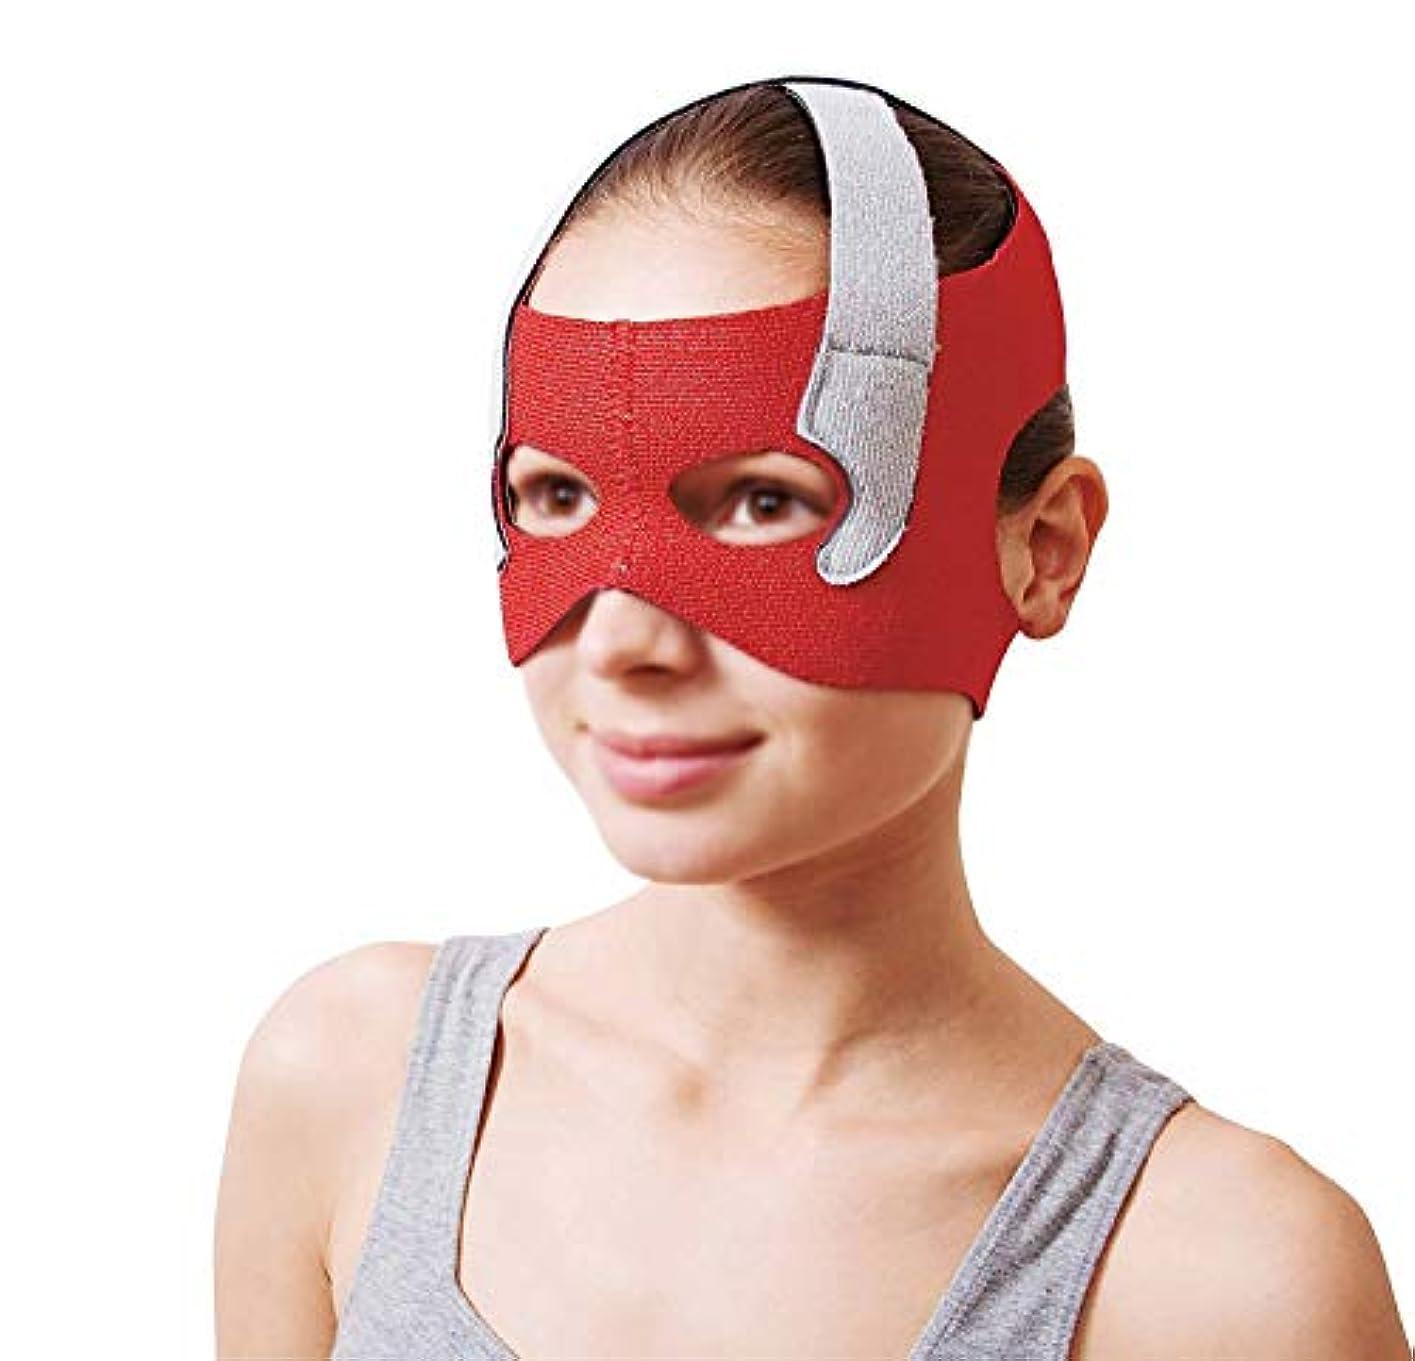 分受付皮肉なフェイスリフトマスク、回復ポスト包帯ヘッドギアフェイスマスクフェイス薄いフェイスマスクアーティファクト美容ベルトフェイスとネックリフトフェイス円周57-68センチ